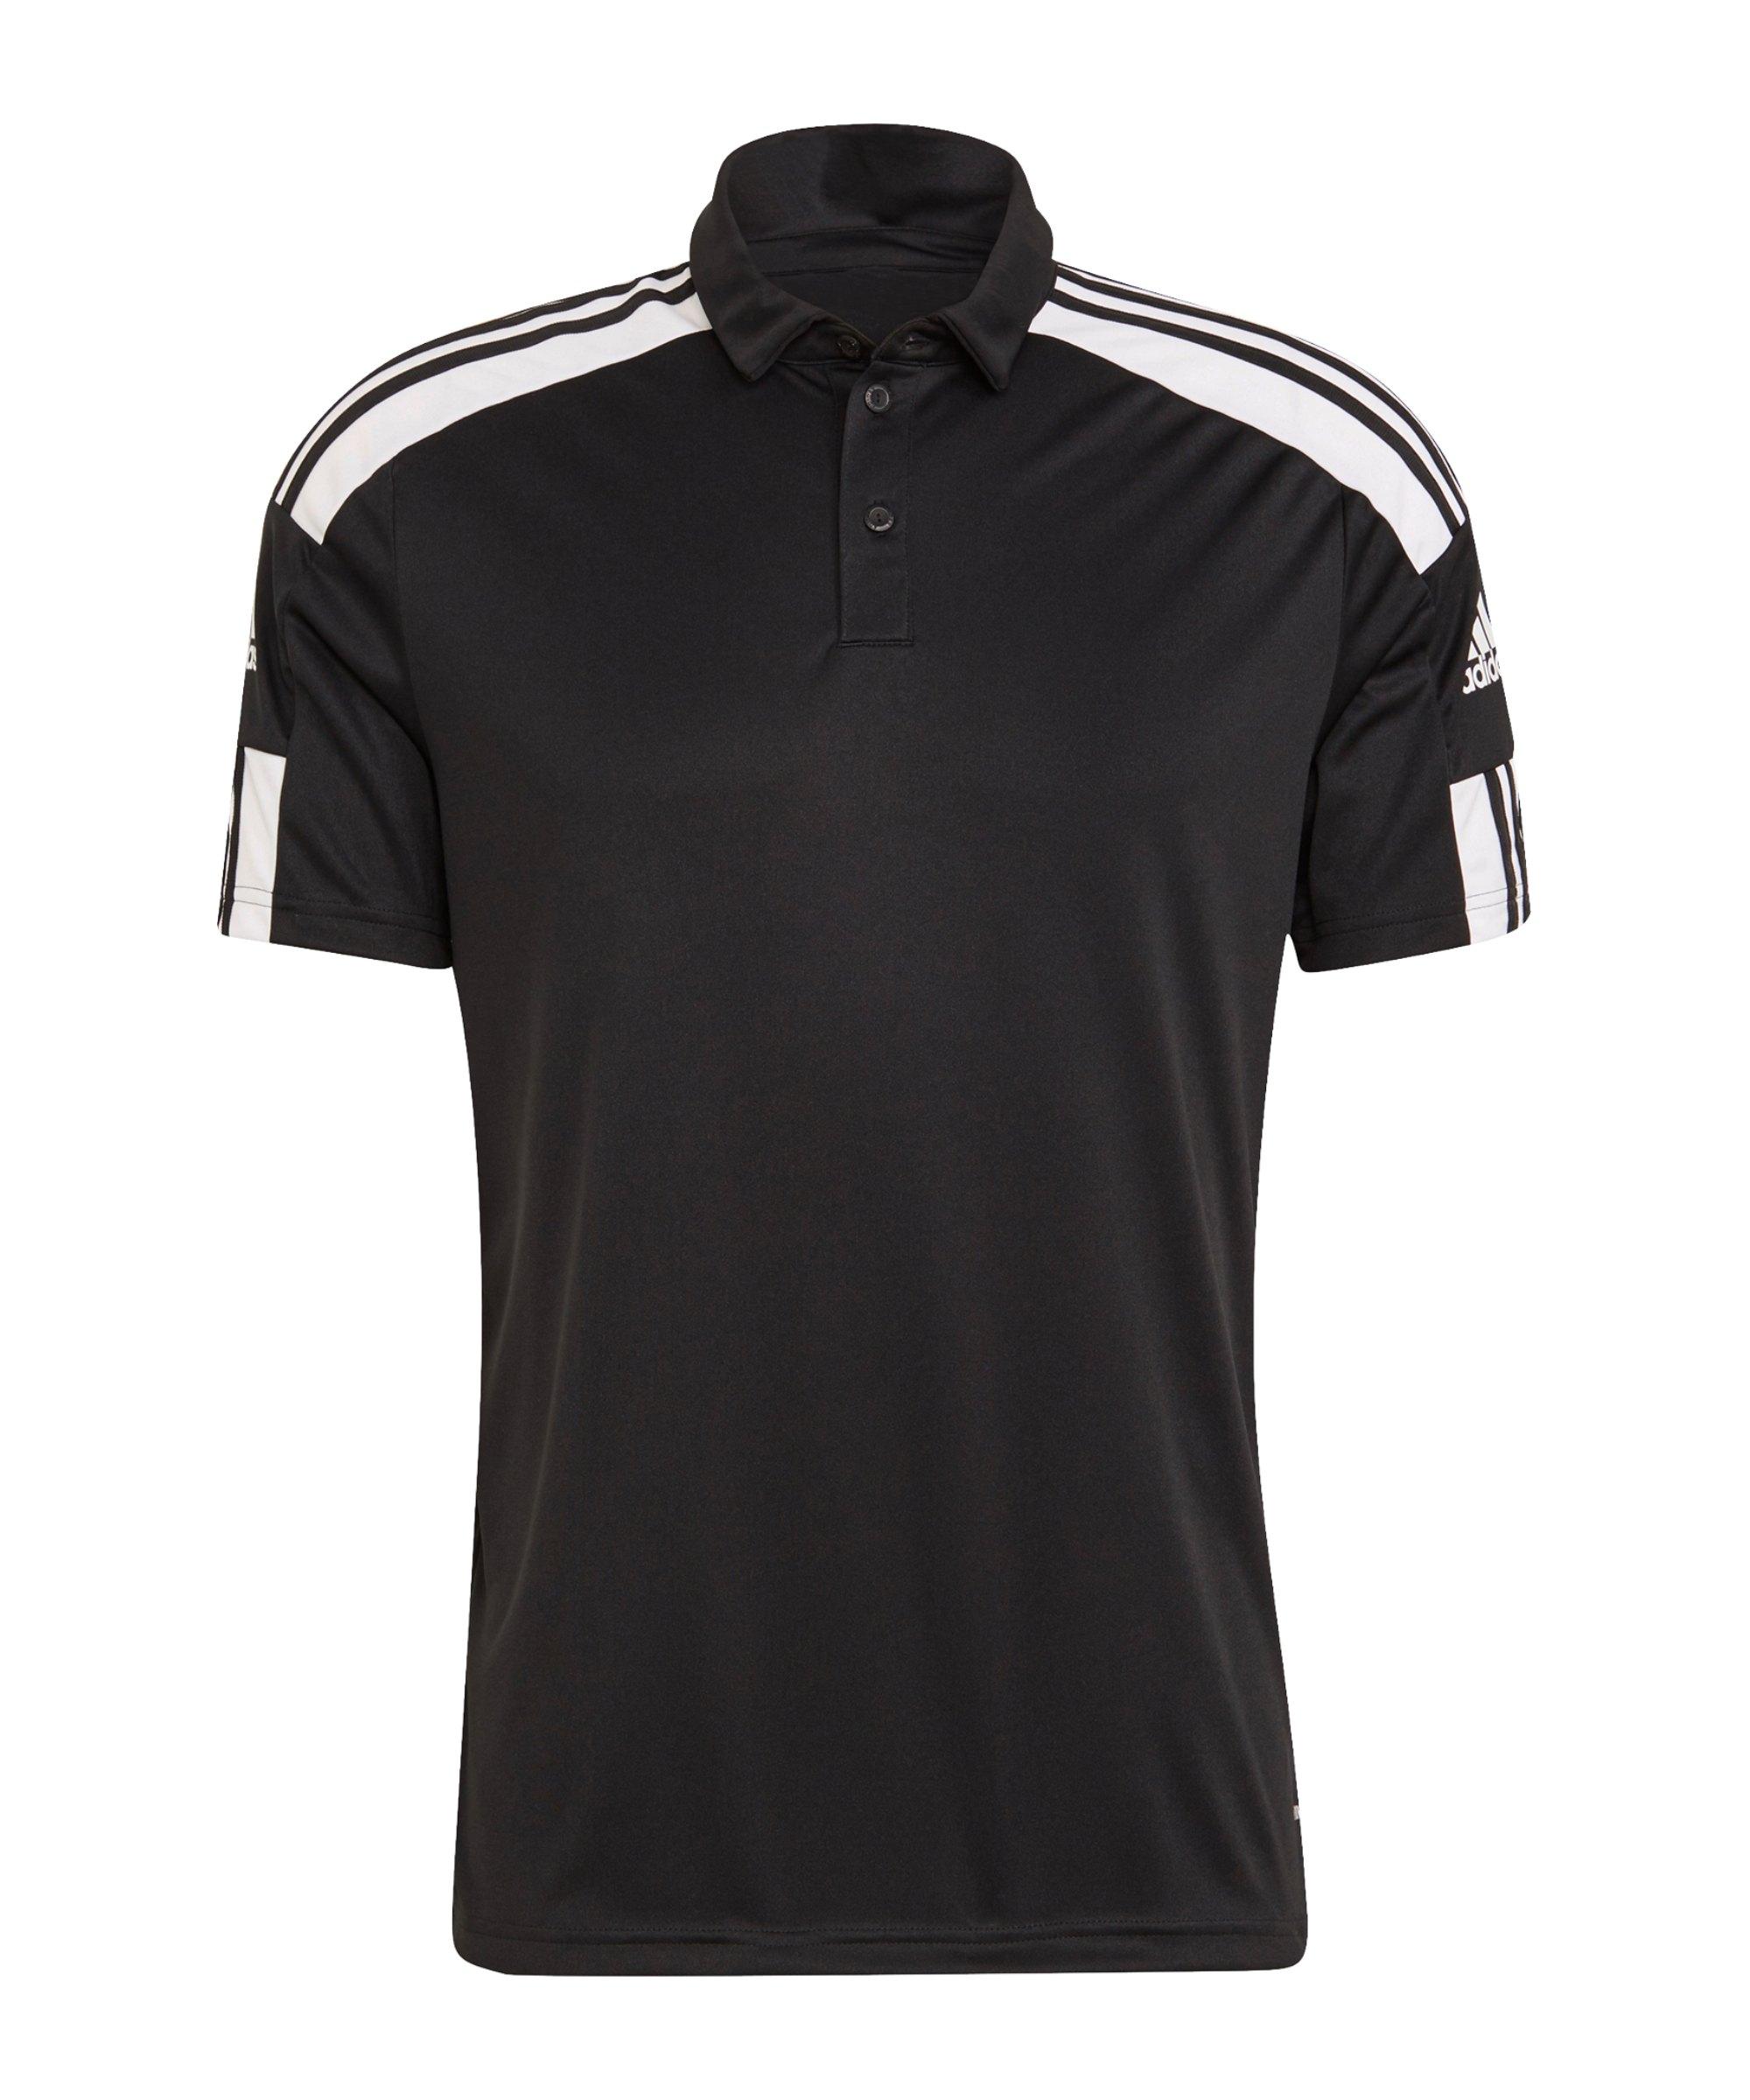 adidas Squadra 21 Poloshirt Schwarz Weiss - schwarz